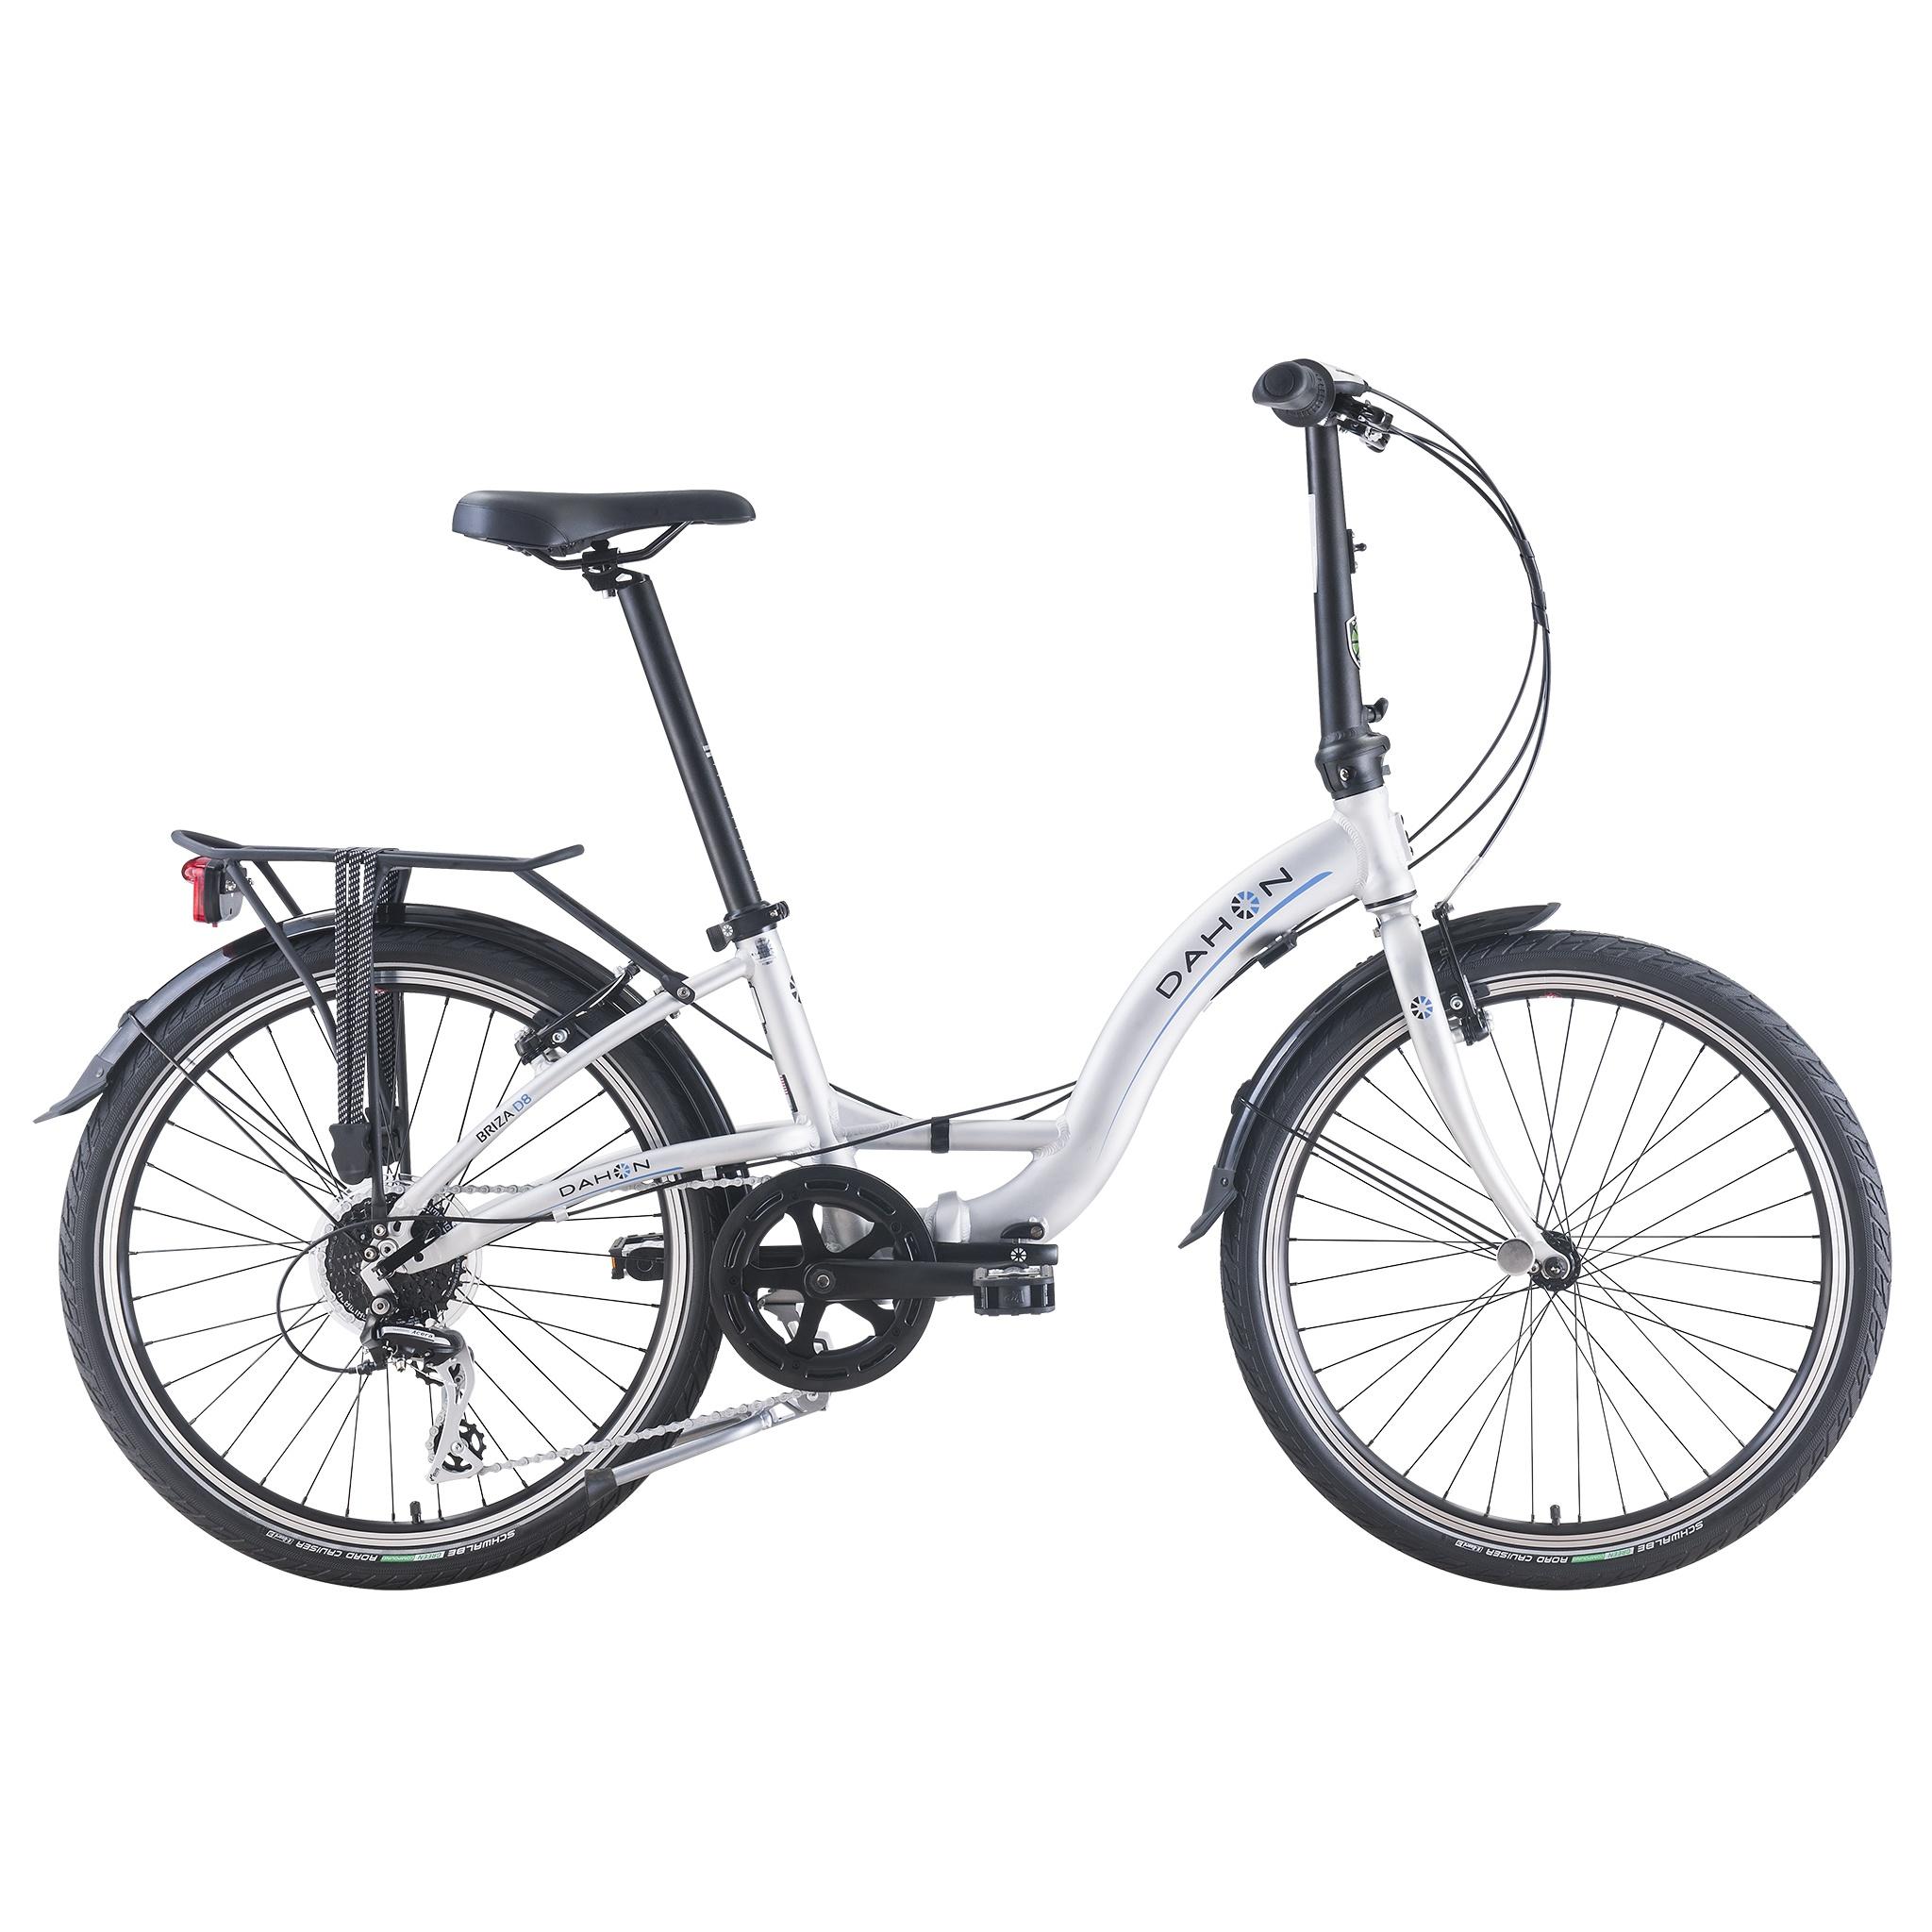 Bicicletă de damă si pliabila Dahon Briza D8